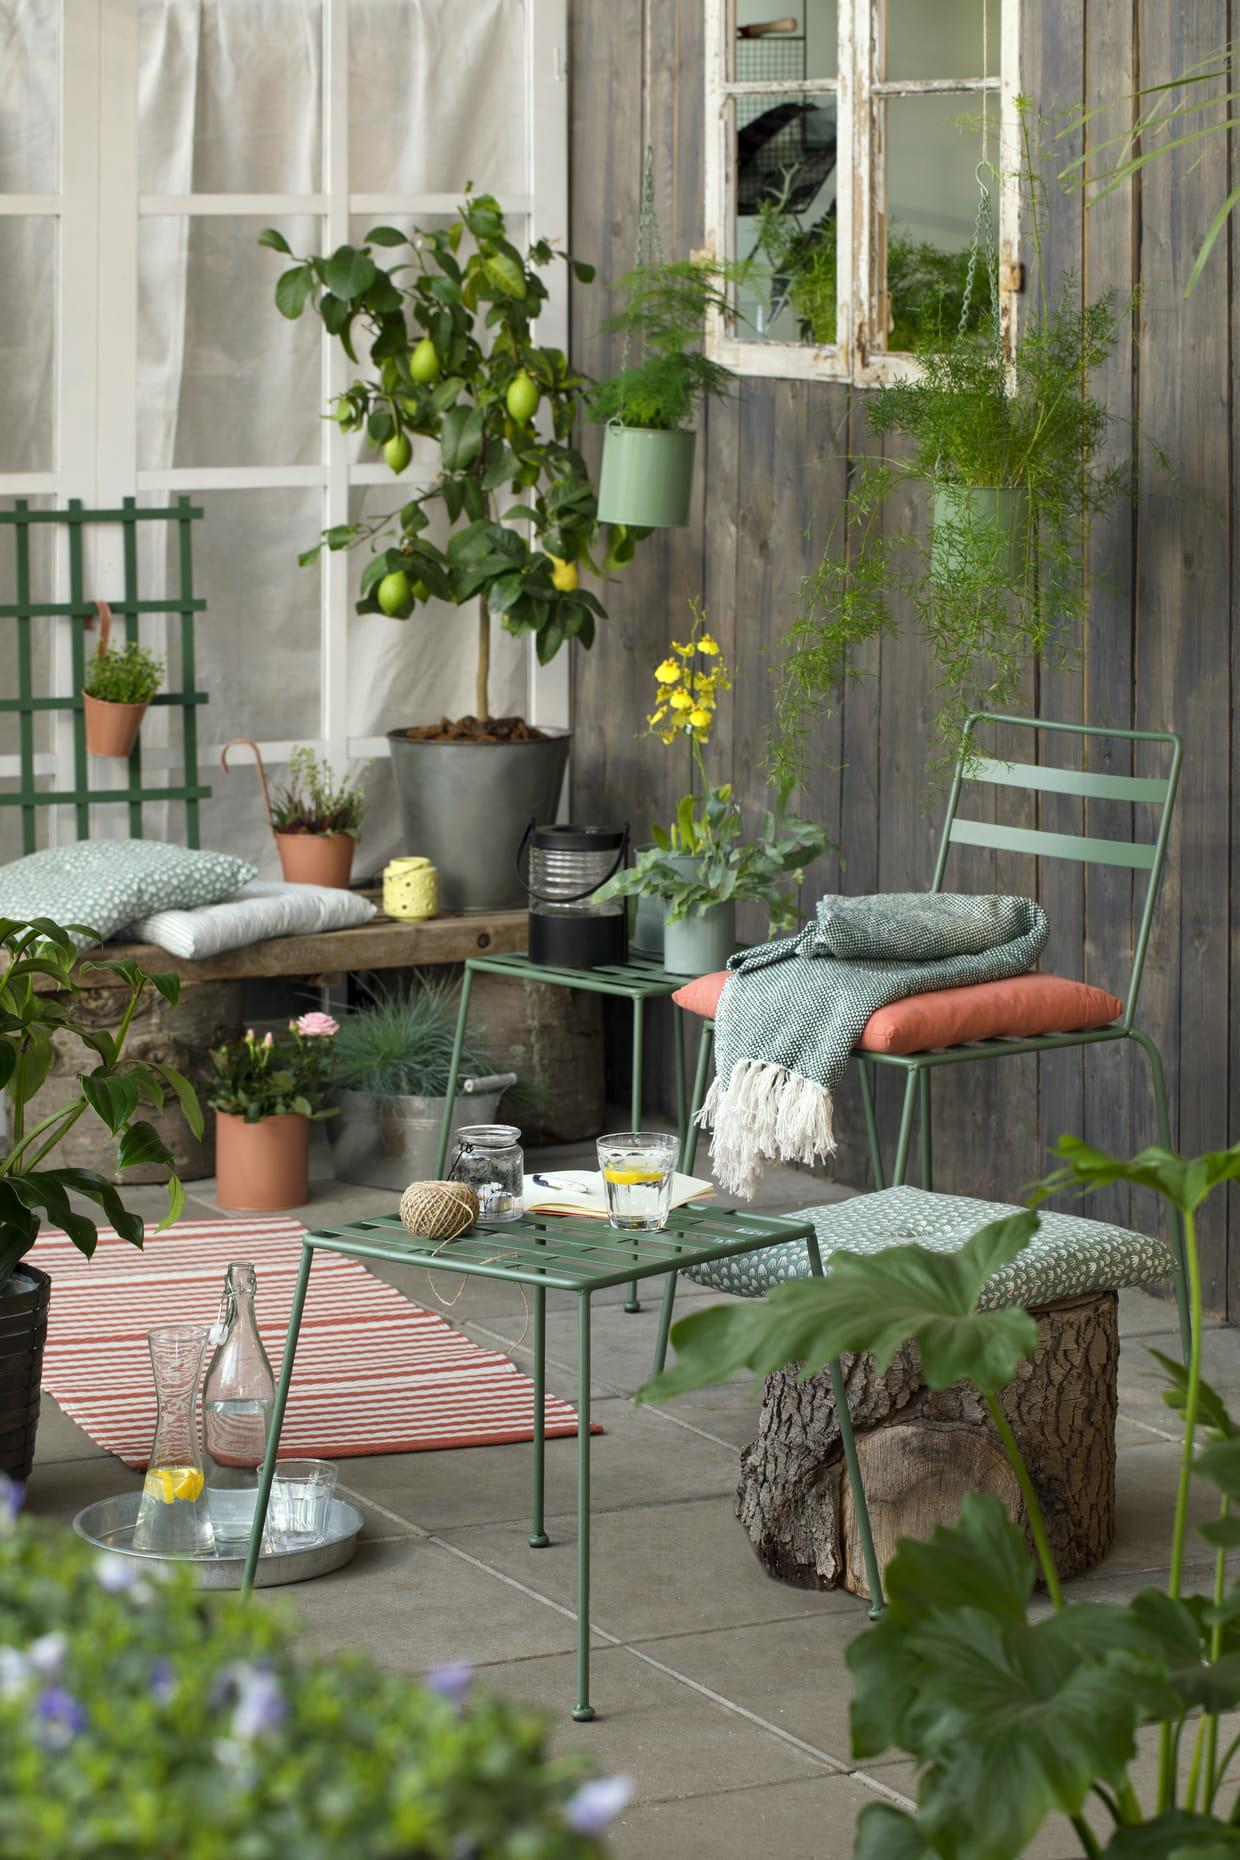 Une collection id ale pour les balcons et terrasses - Deco jardin journal des femmes toulouse ...